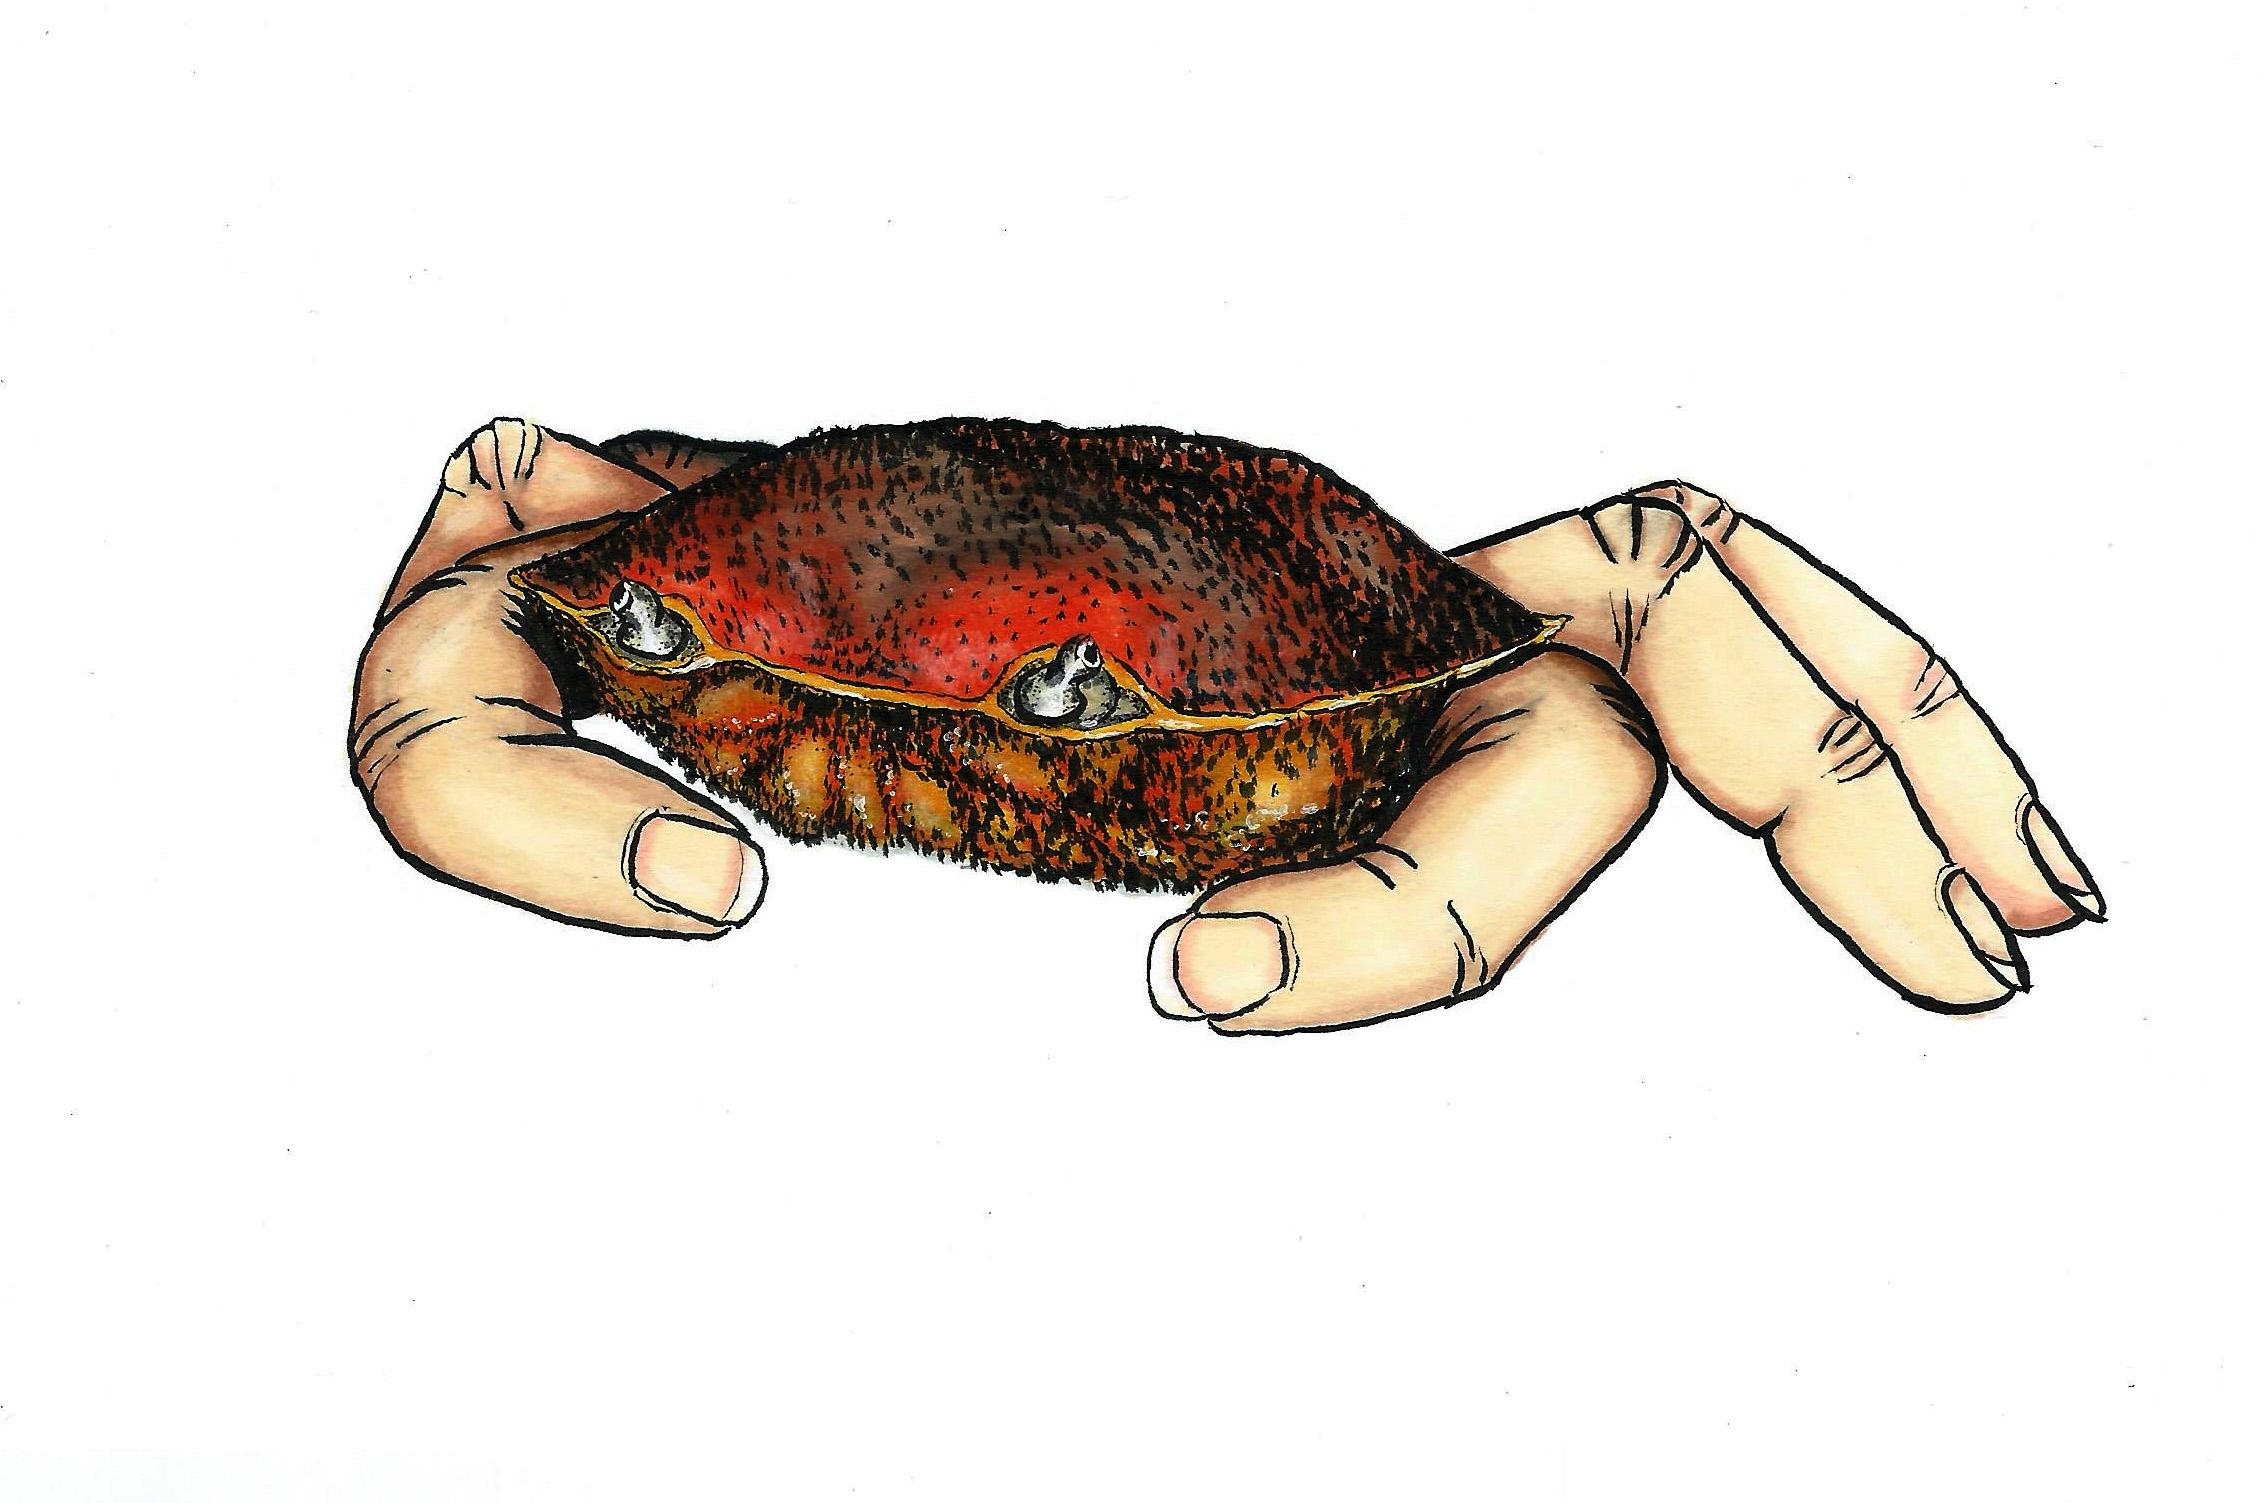 Le crabe aux pinces doigts